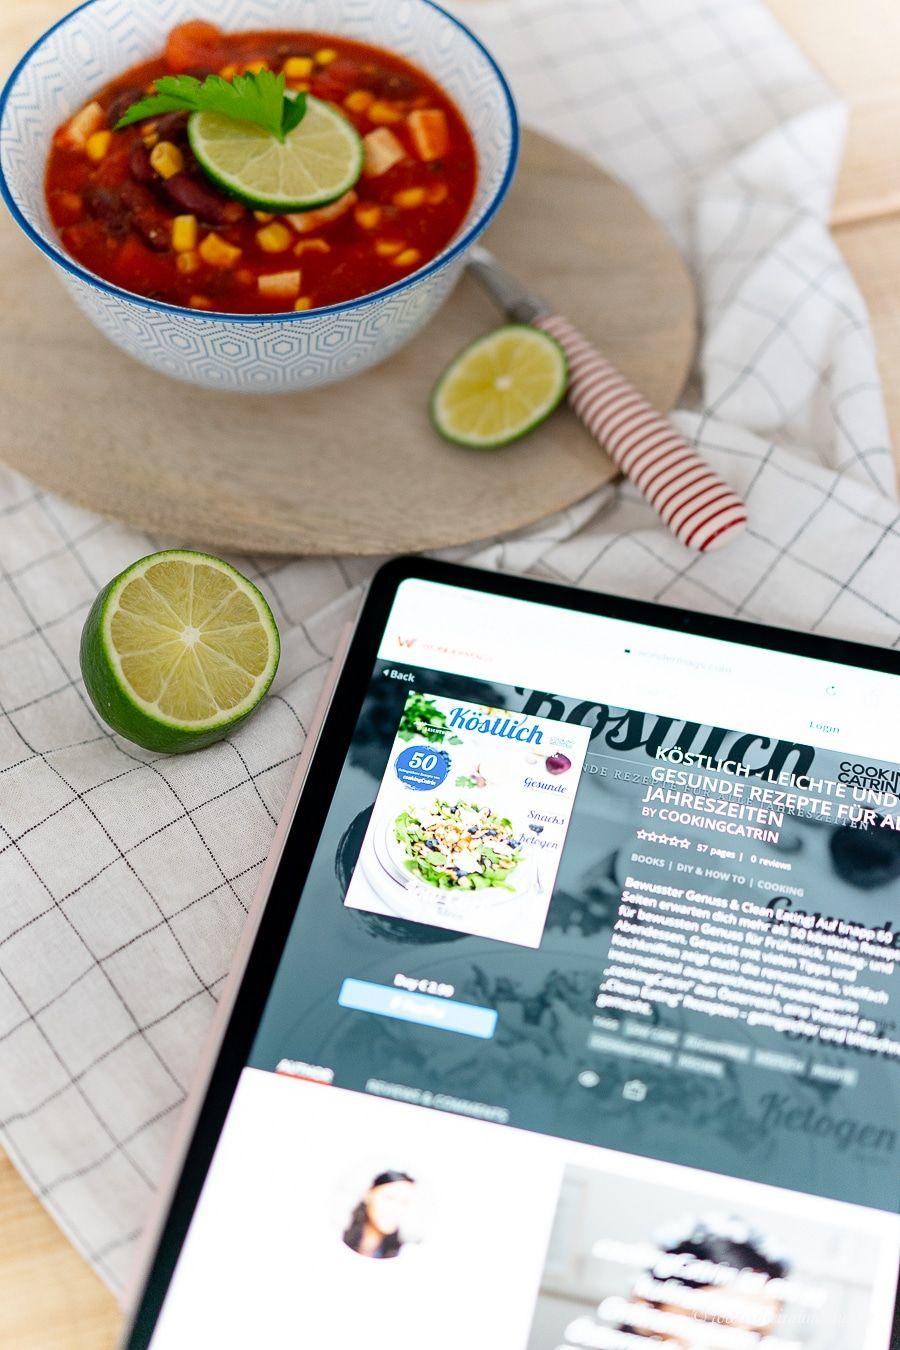 Self Publishing leicht gemacht! cookingCatrin mit ihrem Online-Magazin bei wondermags und ein veganes Chili!